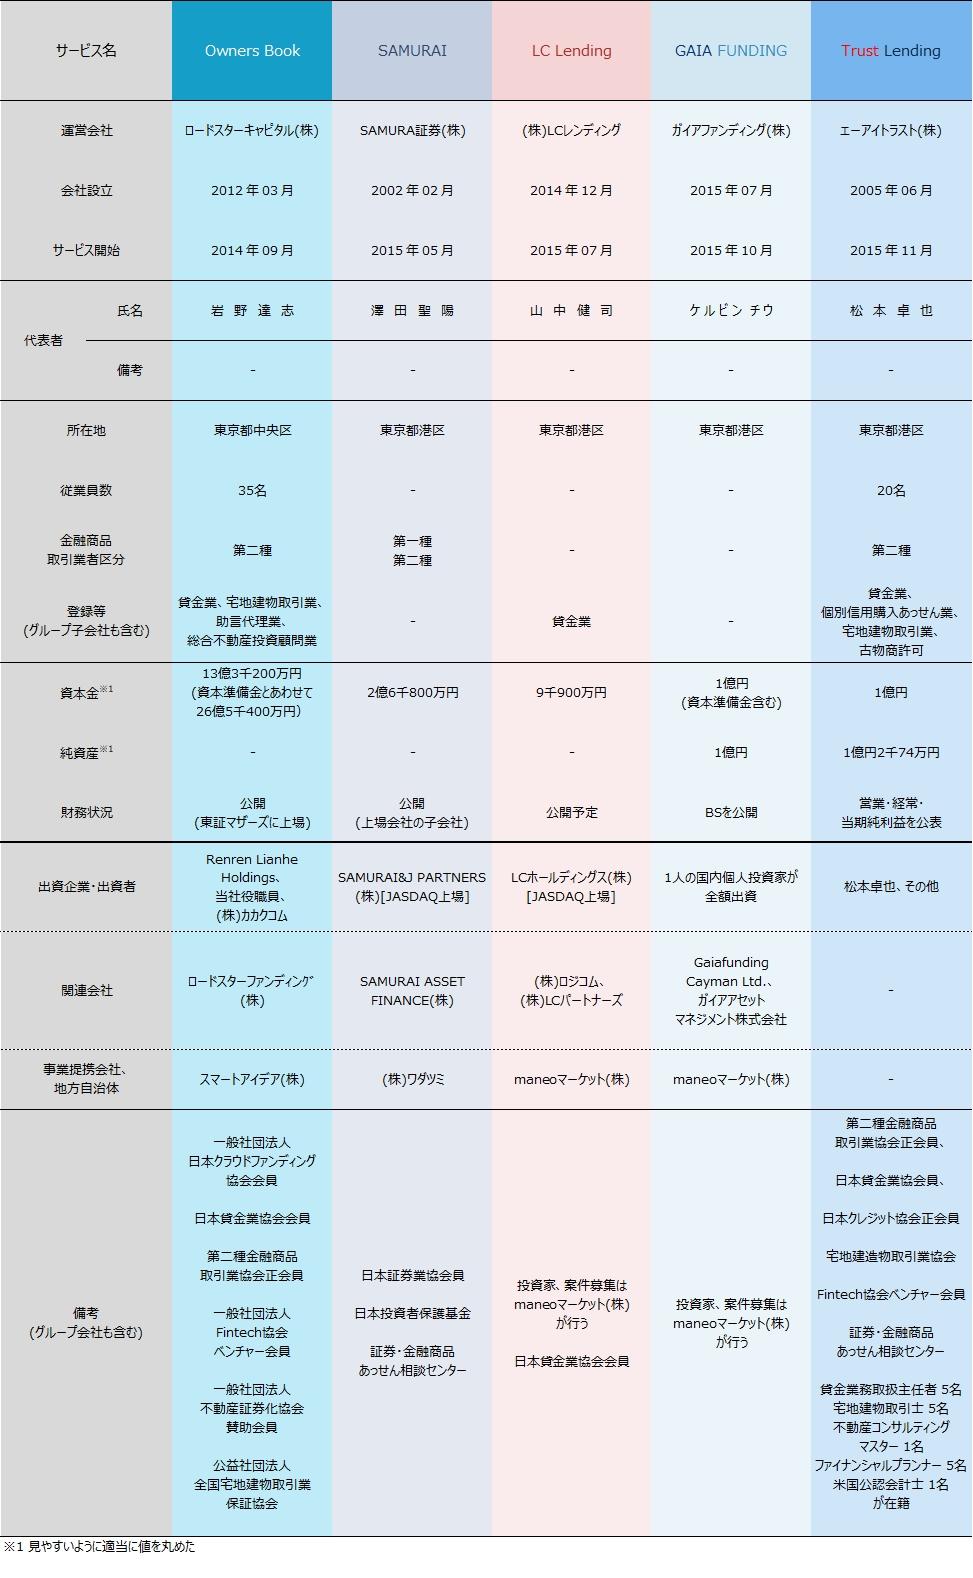 02_ソーシャルレンディング各社比較2018年9月期